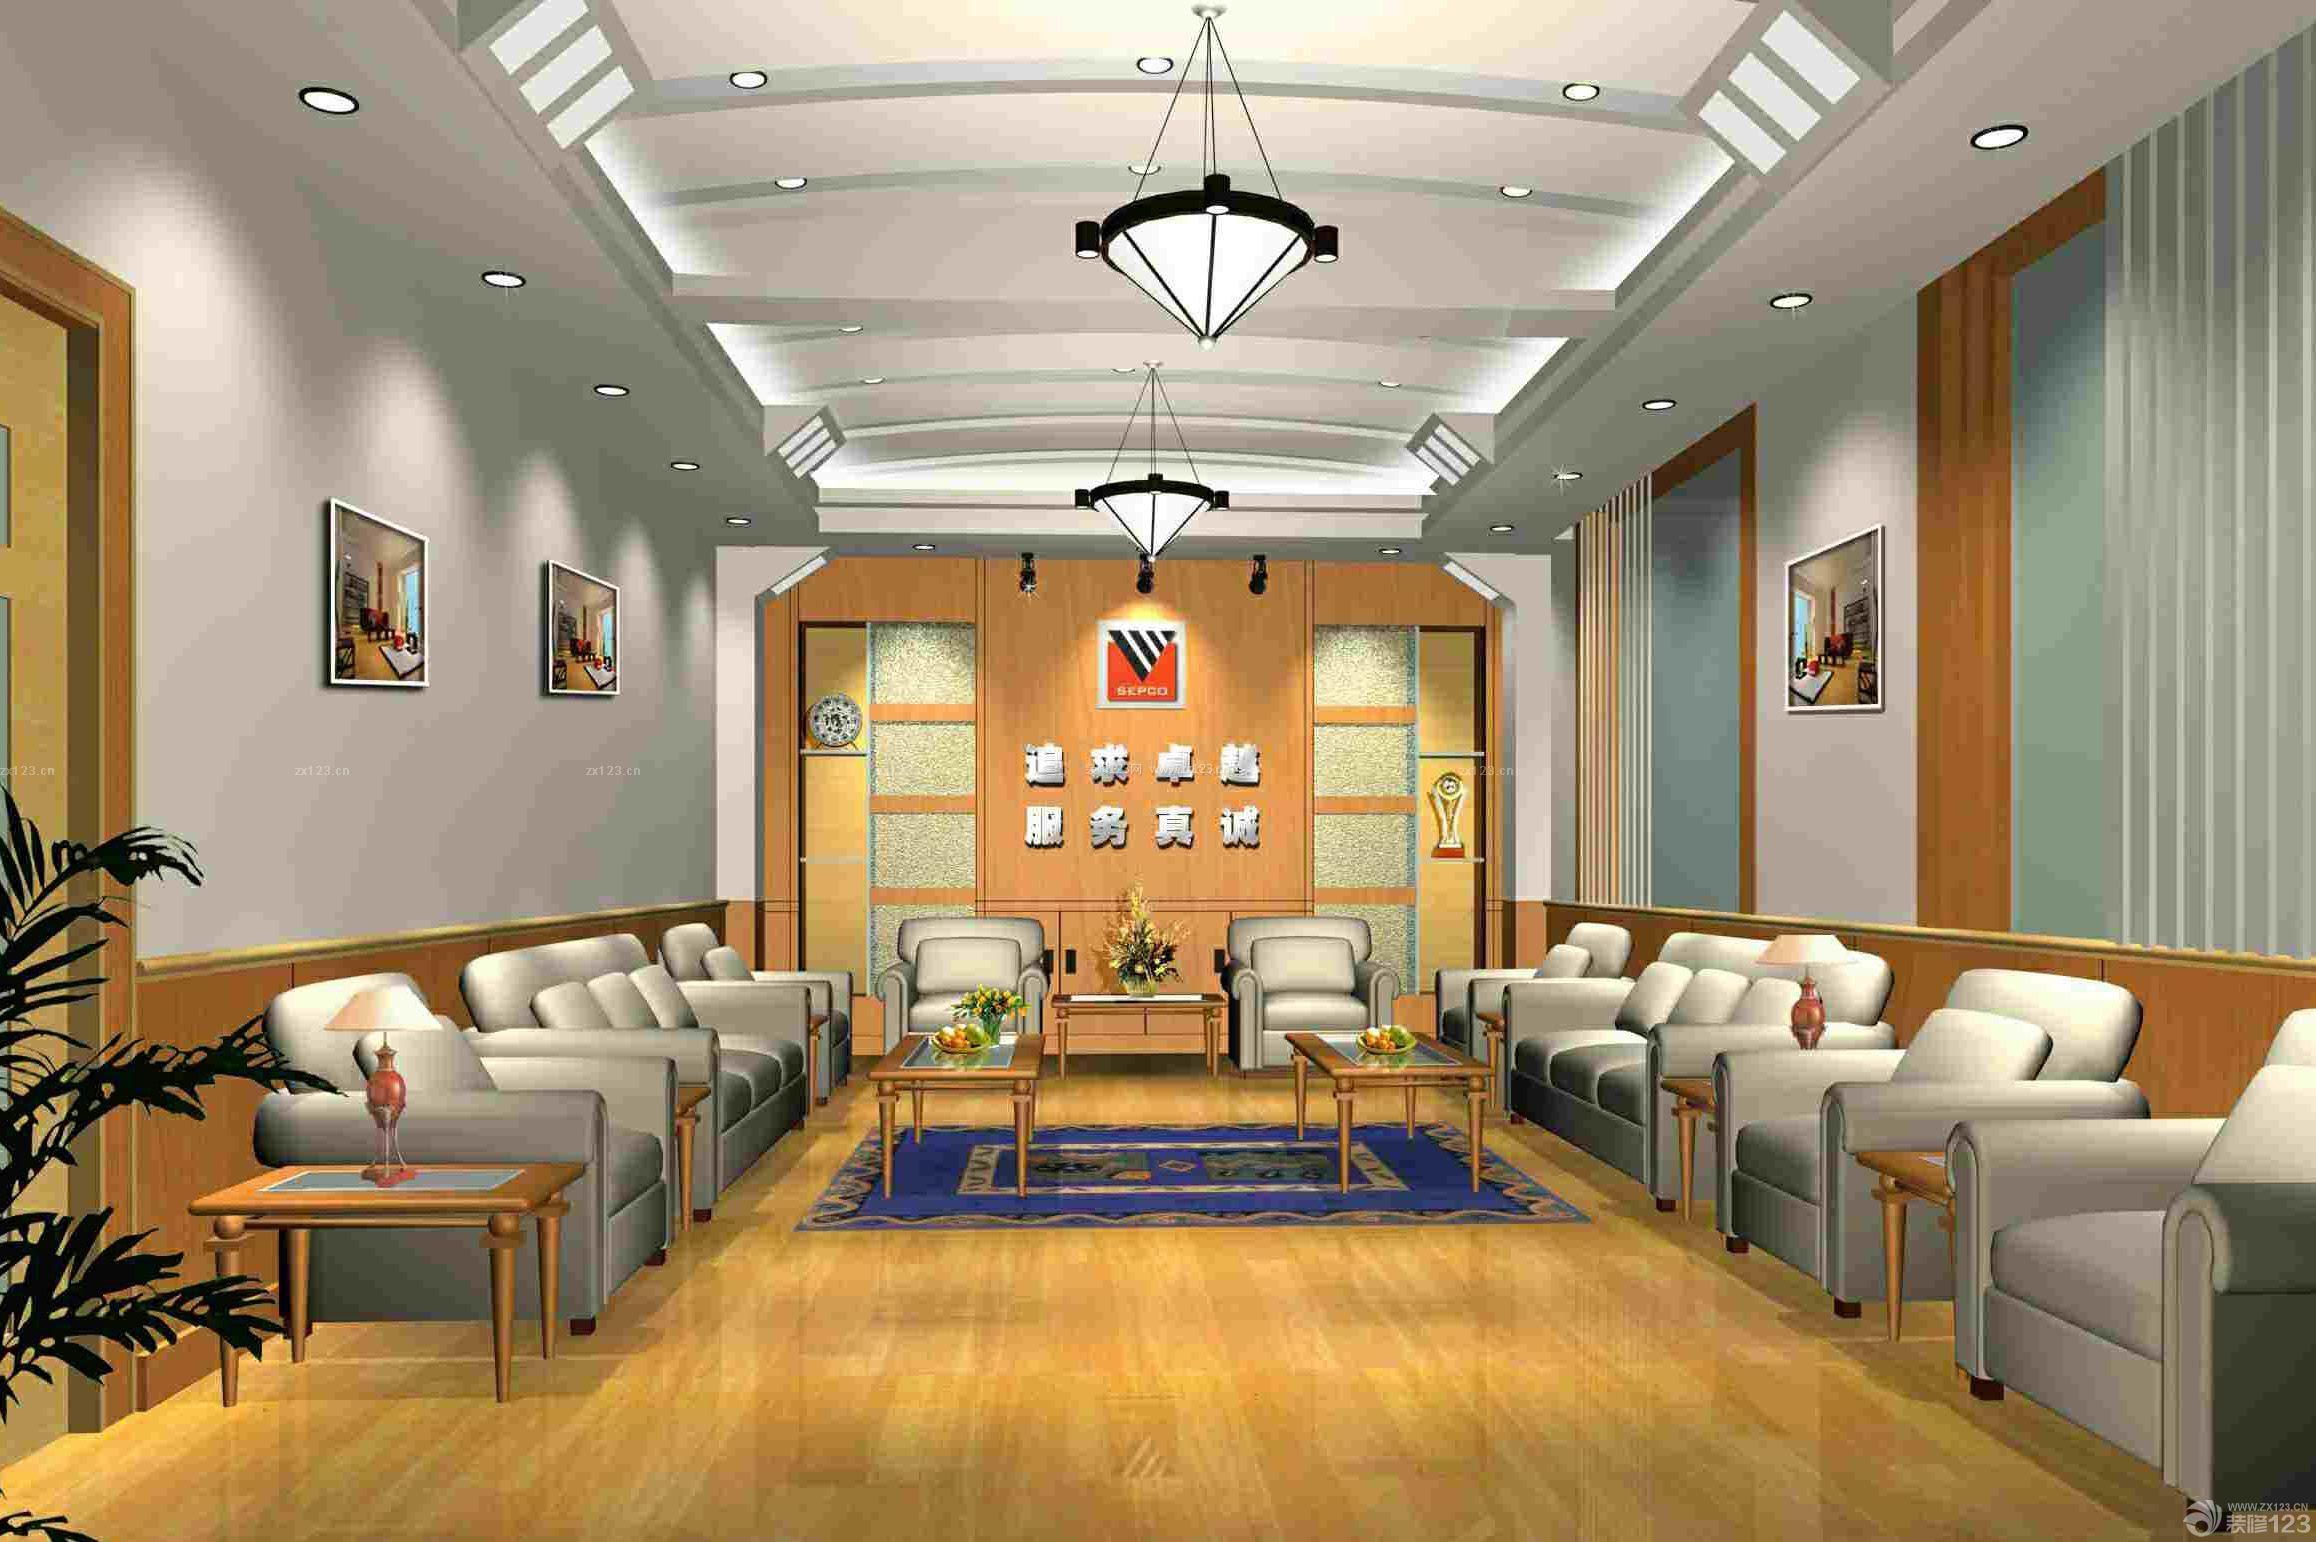 简约公司背景墙装饰装修效果图片